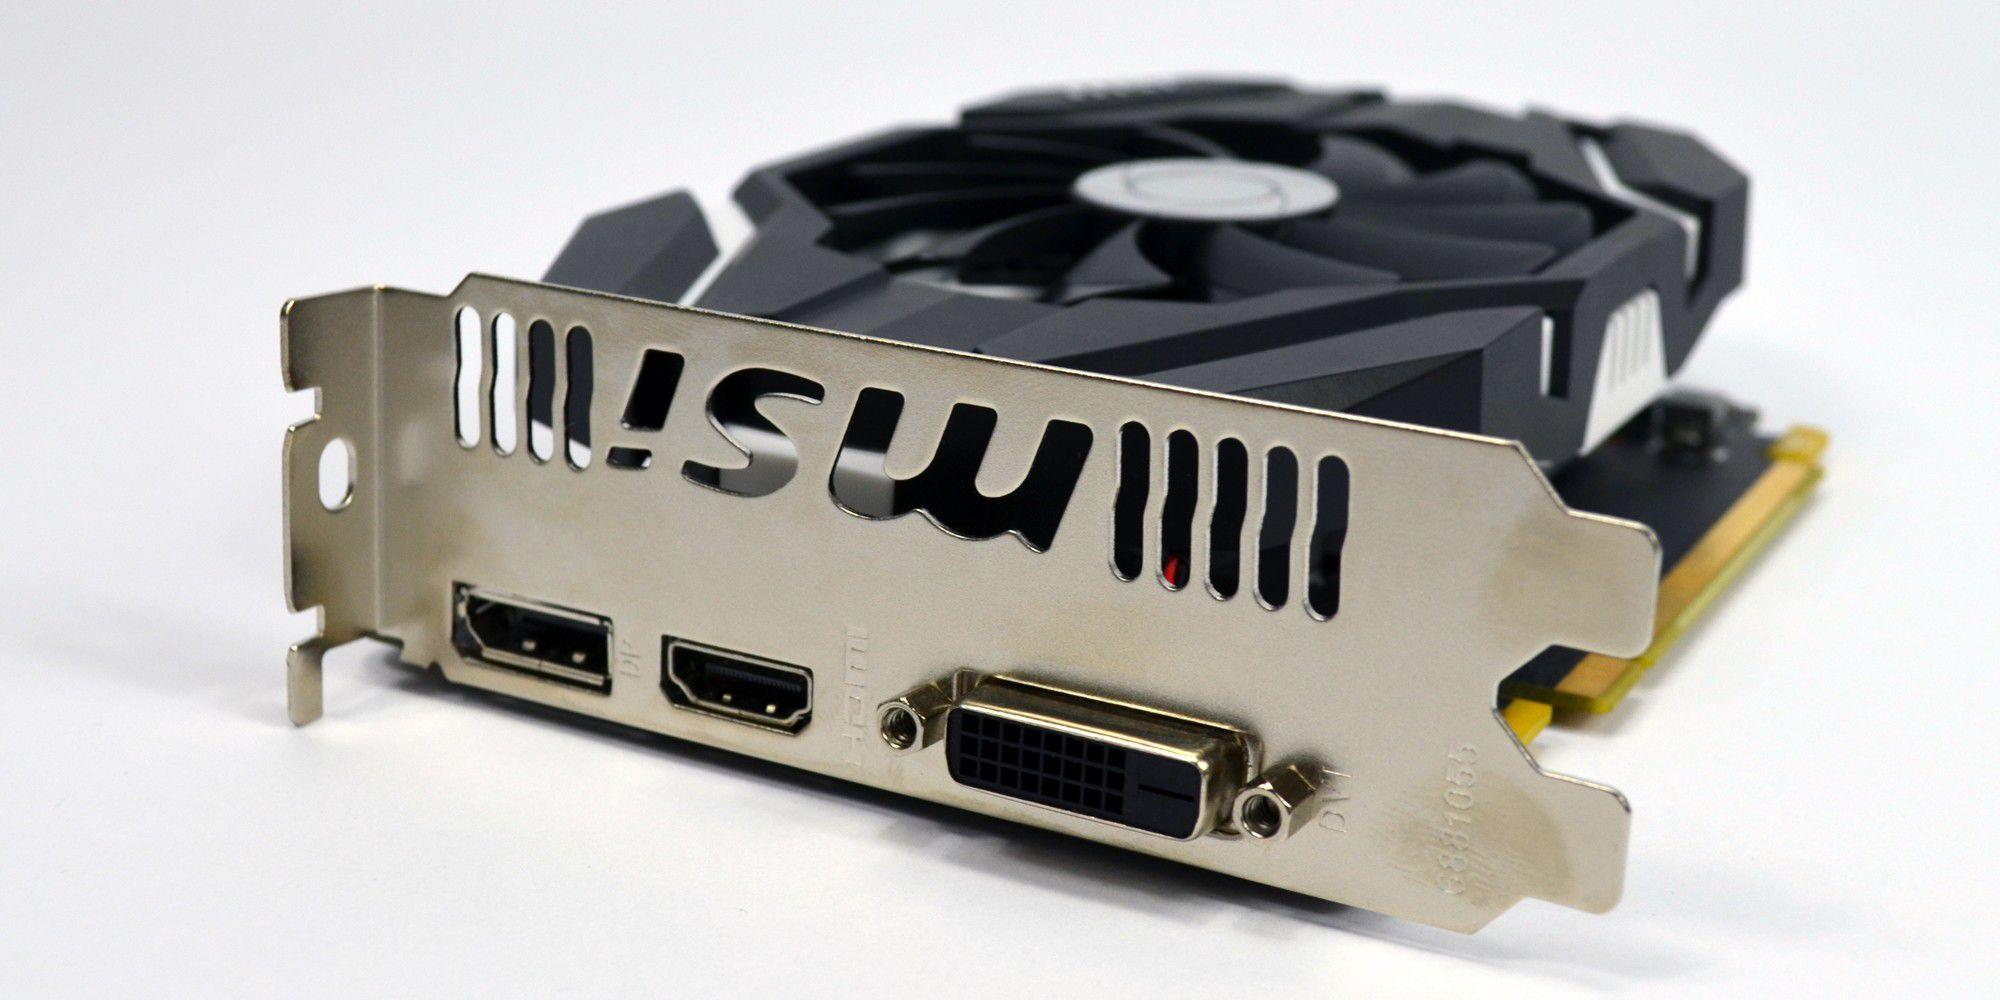 Msi Geforce Gtx 1050 Ti Oc Im Test Pc Welt 4gb Ddr5 Vergrern Unsere Verfgt Ber Displayport Hdmi Und Dvi